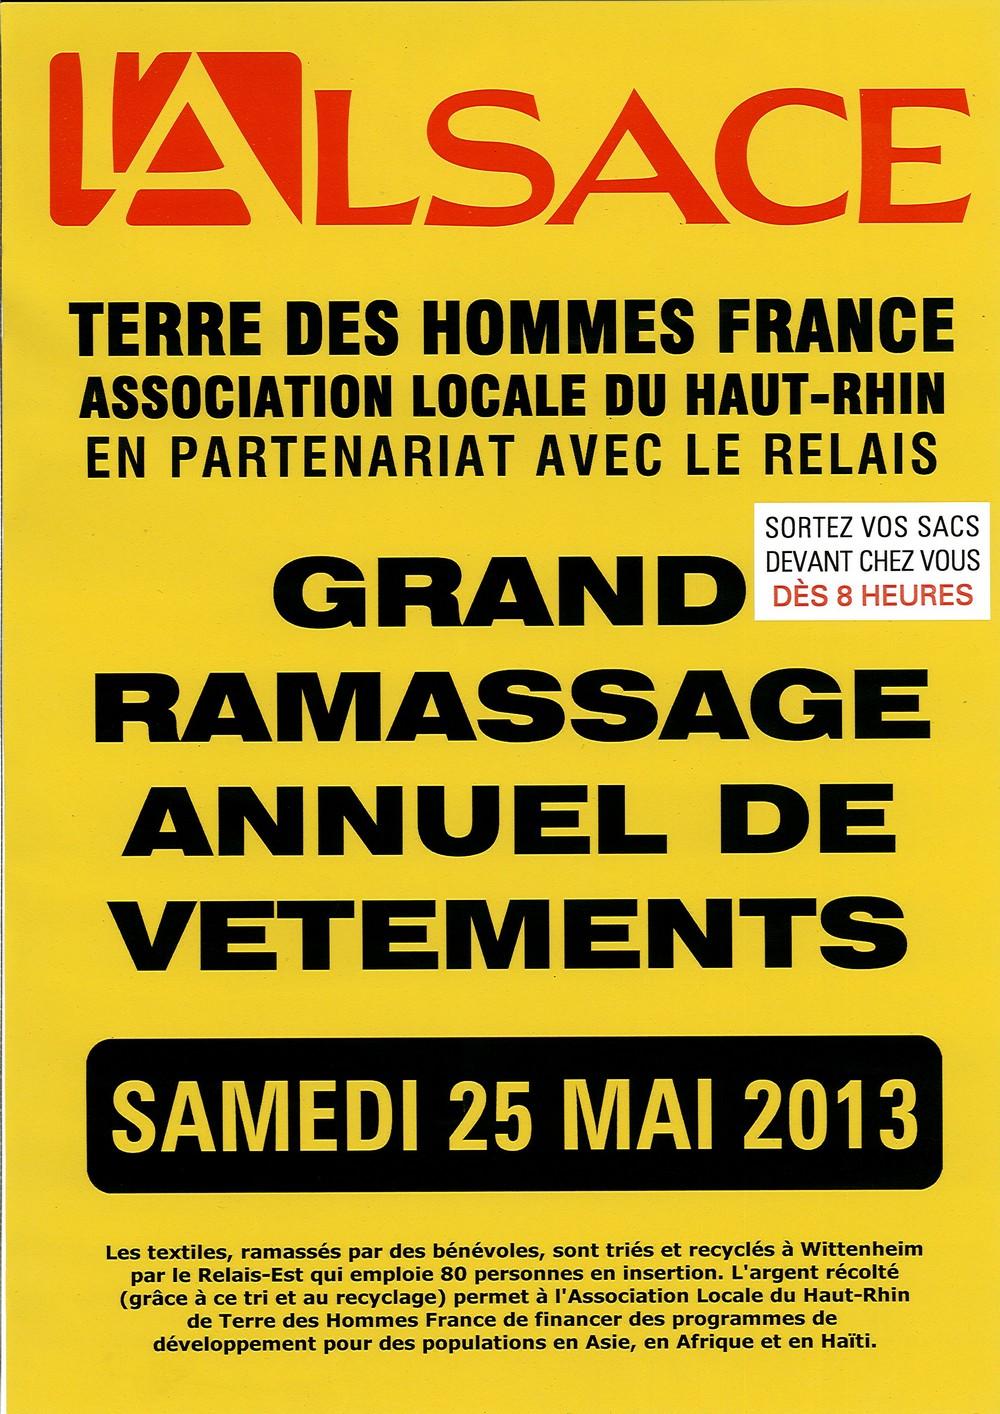 Ramassage Terre des Hommes 2013